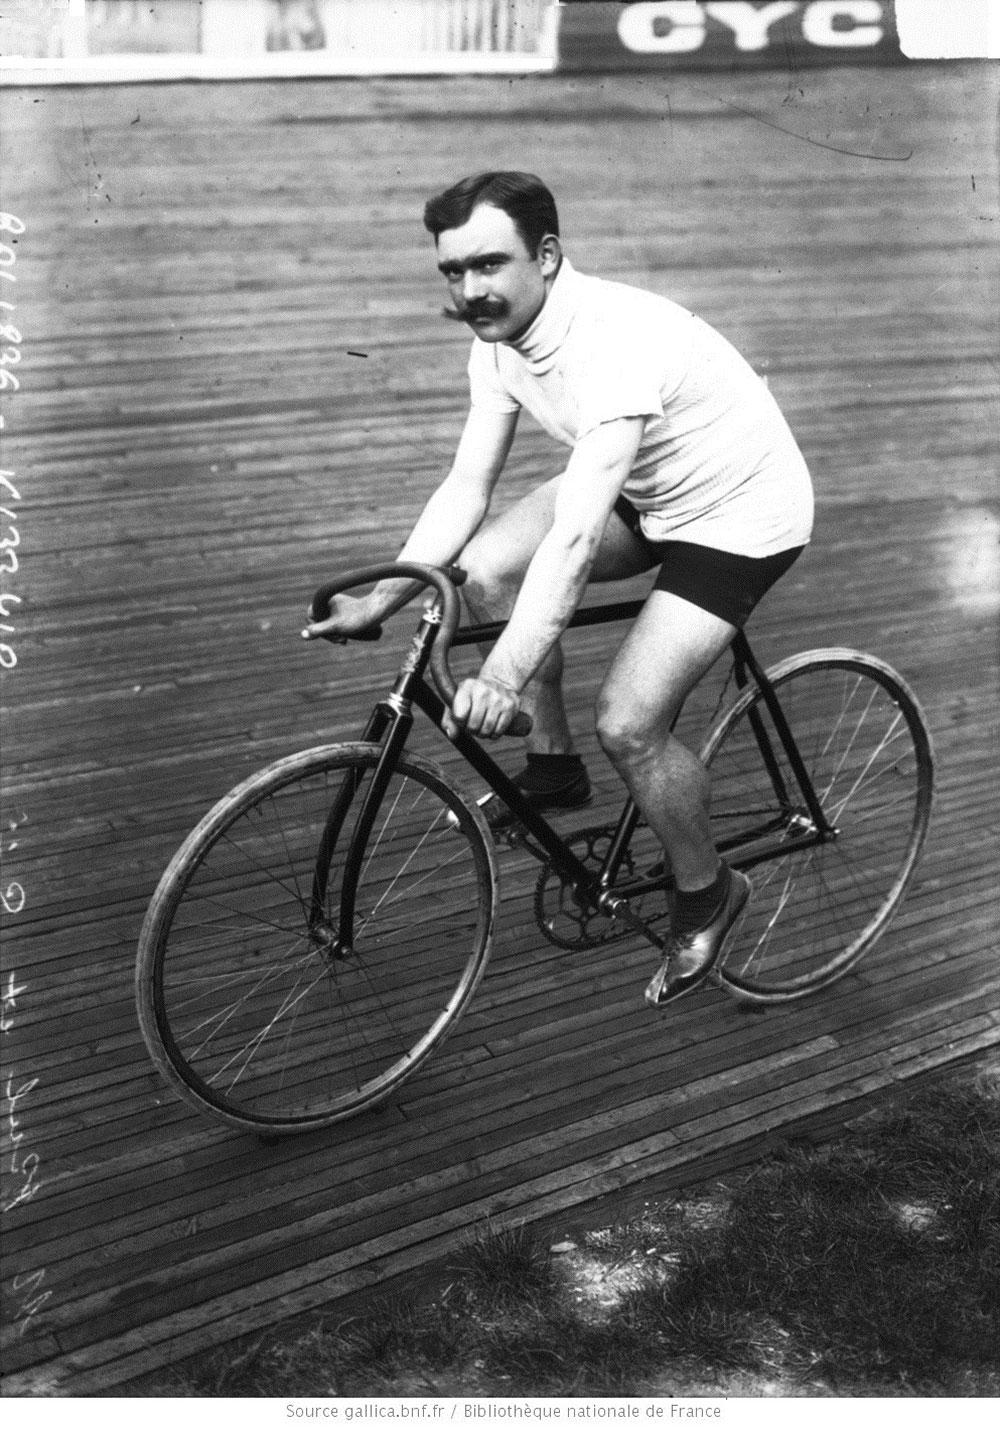 Trousselier al Tour de France 1905